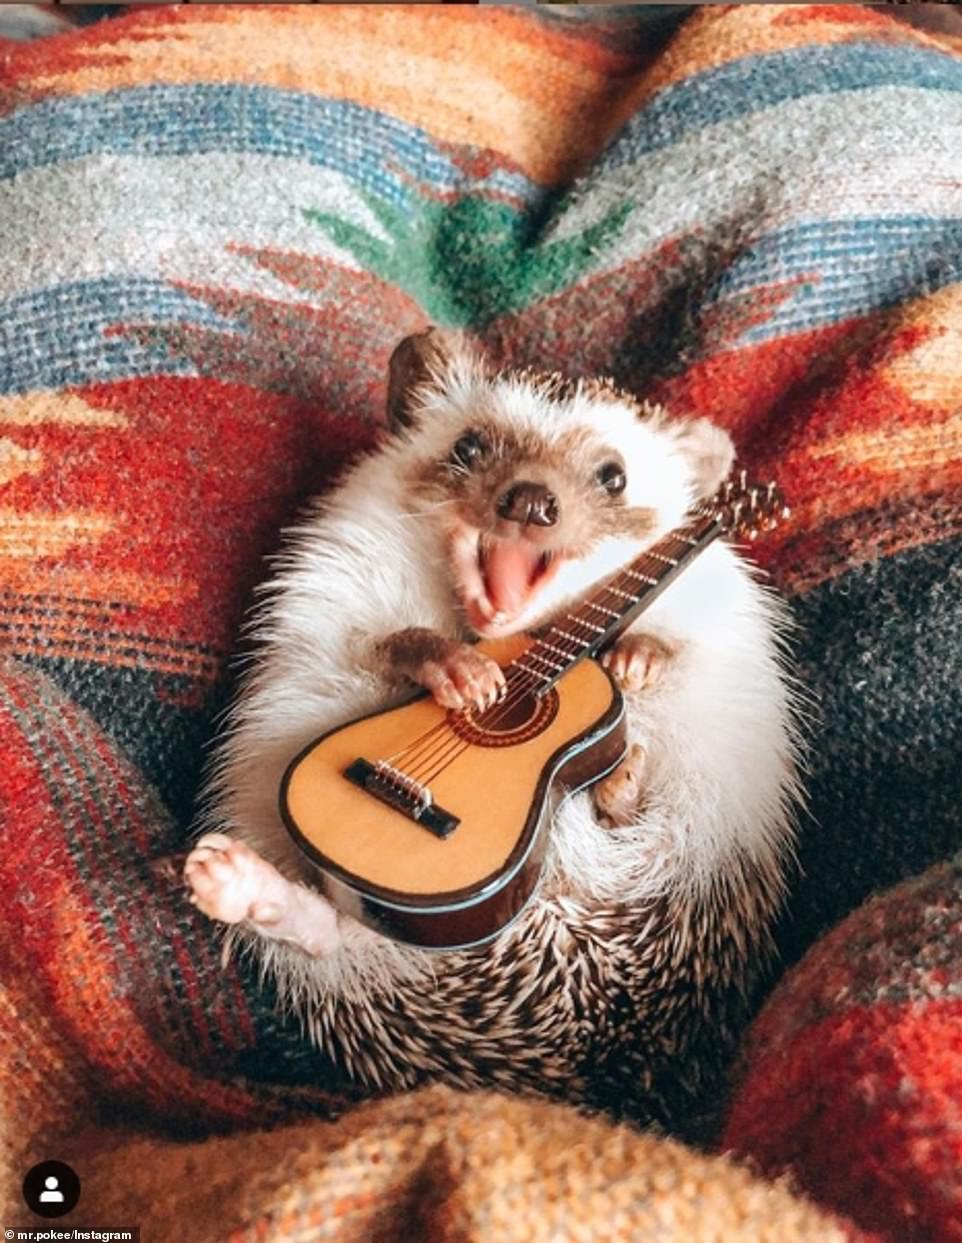 The world happiest hedgehog Herbee